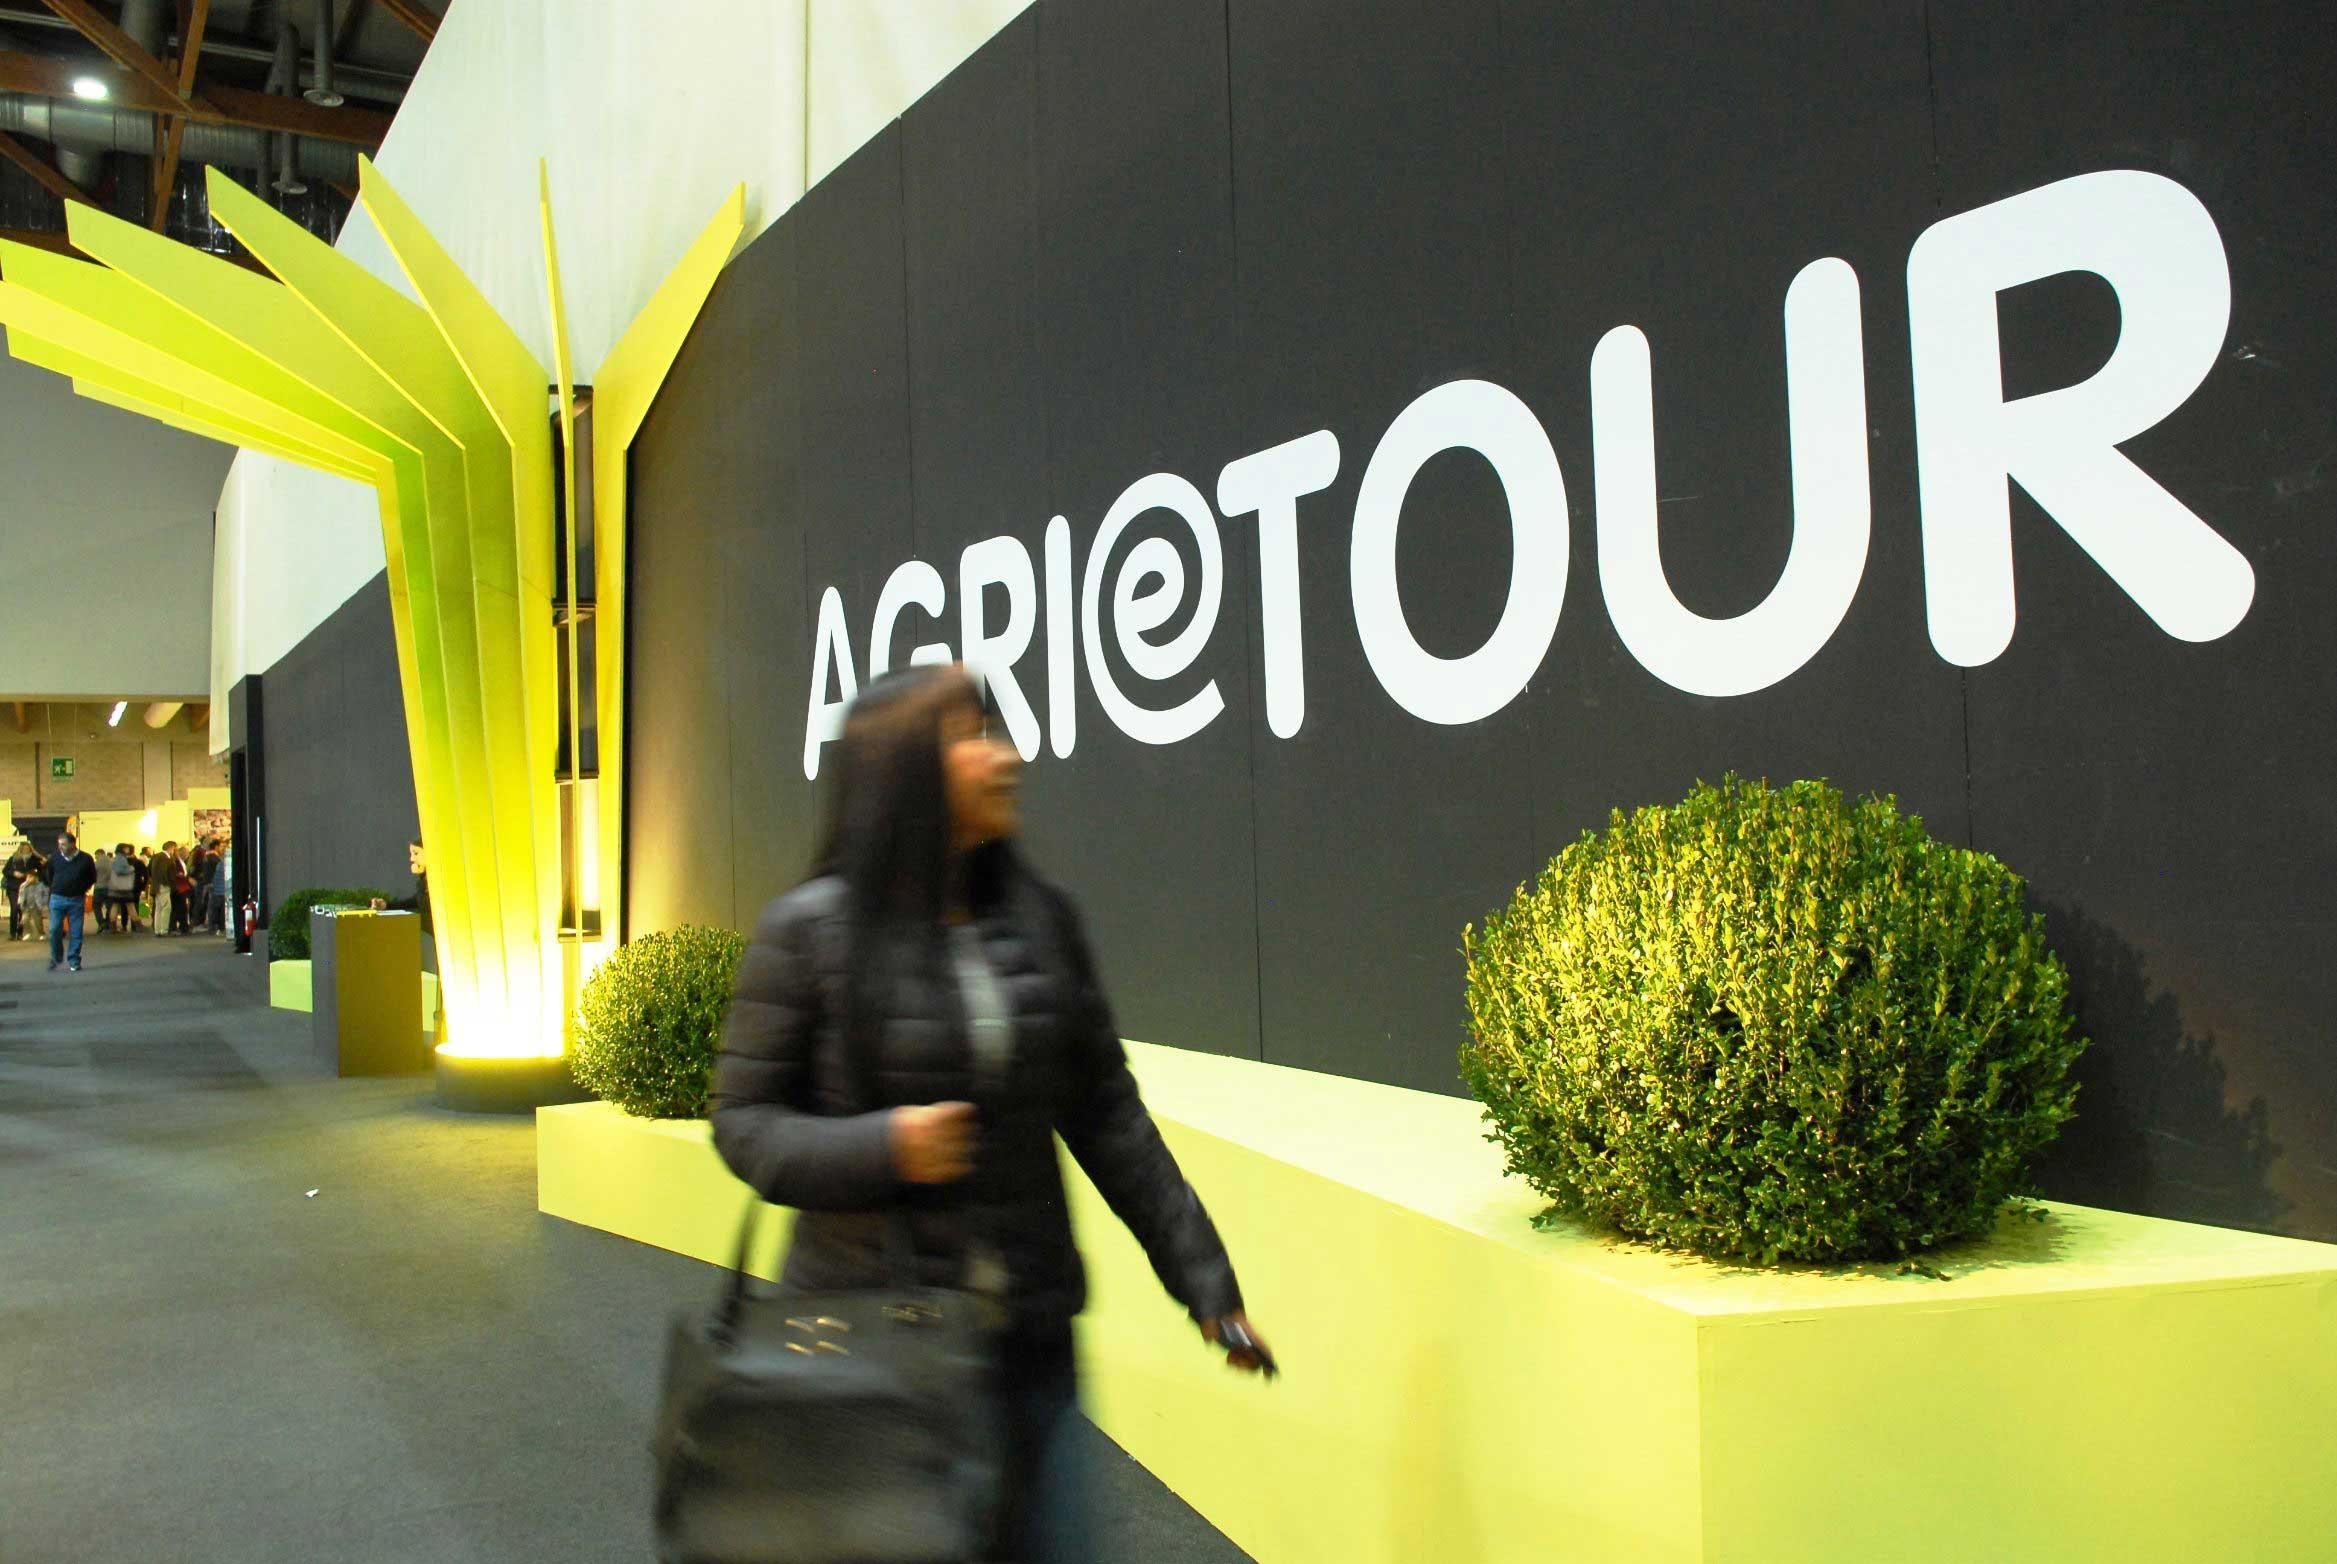 Il Comune di Cortona sarà presente ad AgrieTour